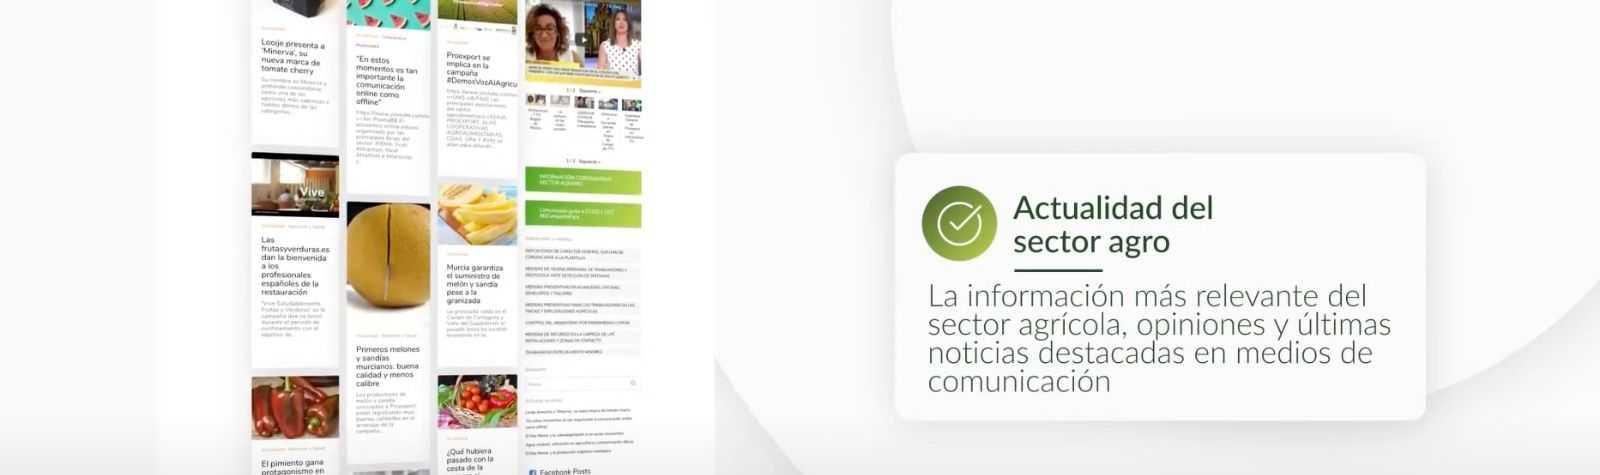 Proexport.es, web asociativa ganadora de los XII Premios Web Región de Murcia